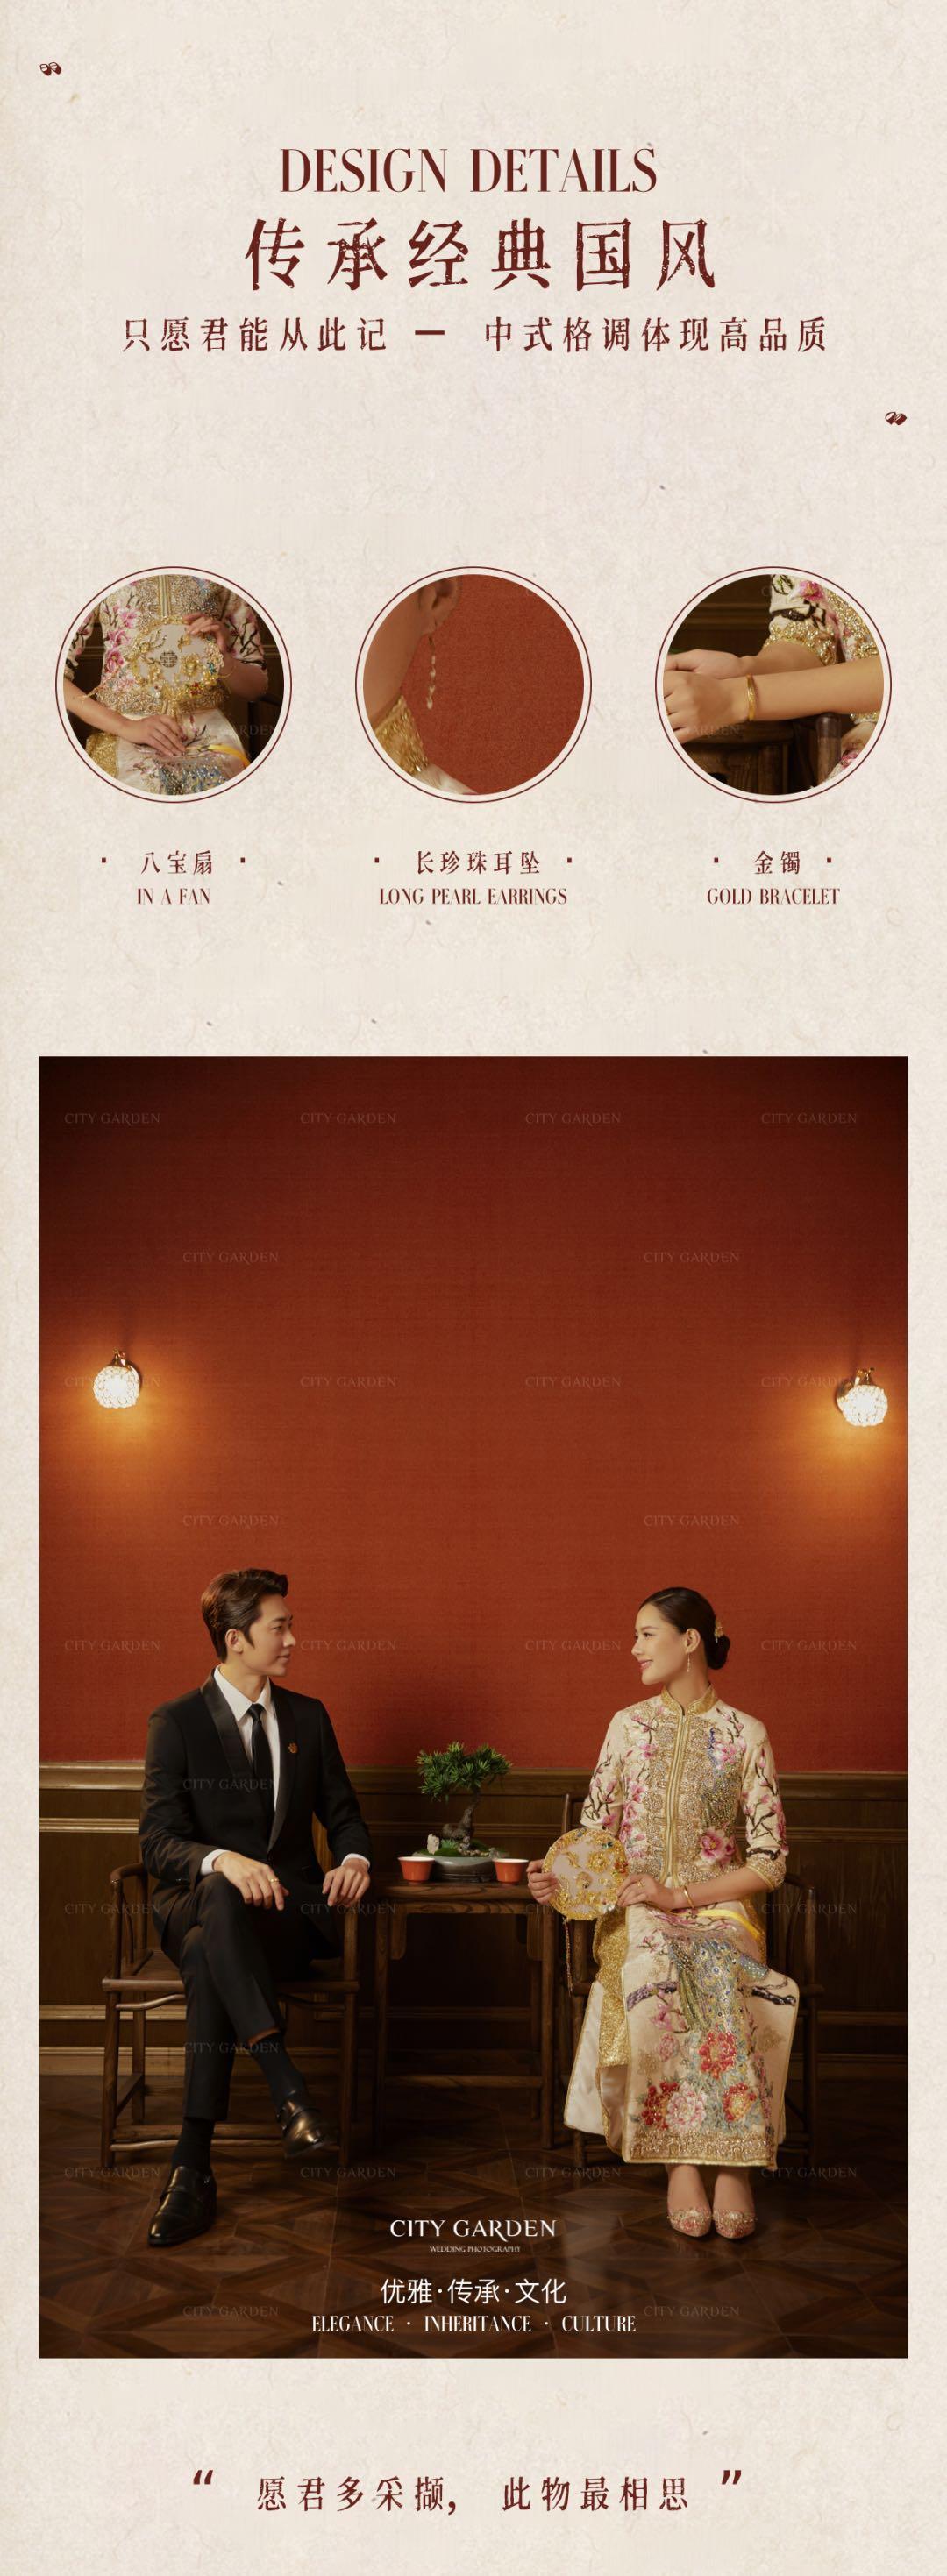 中式婚纱照4.jpg